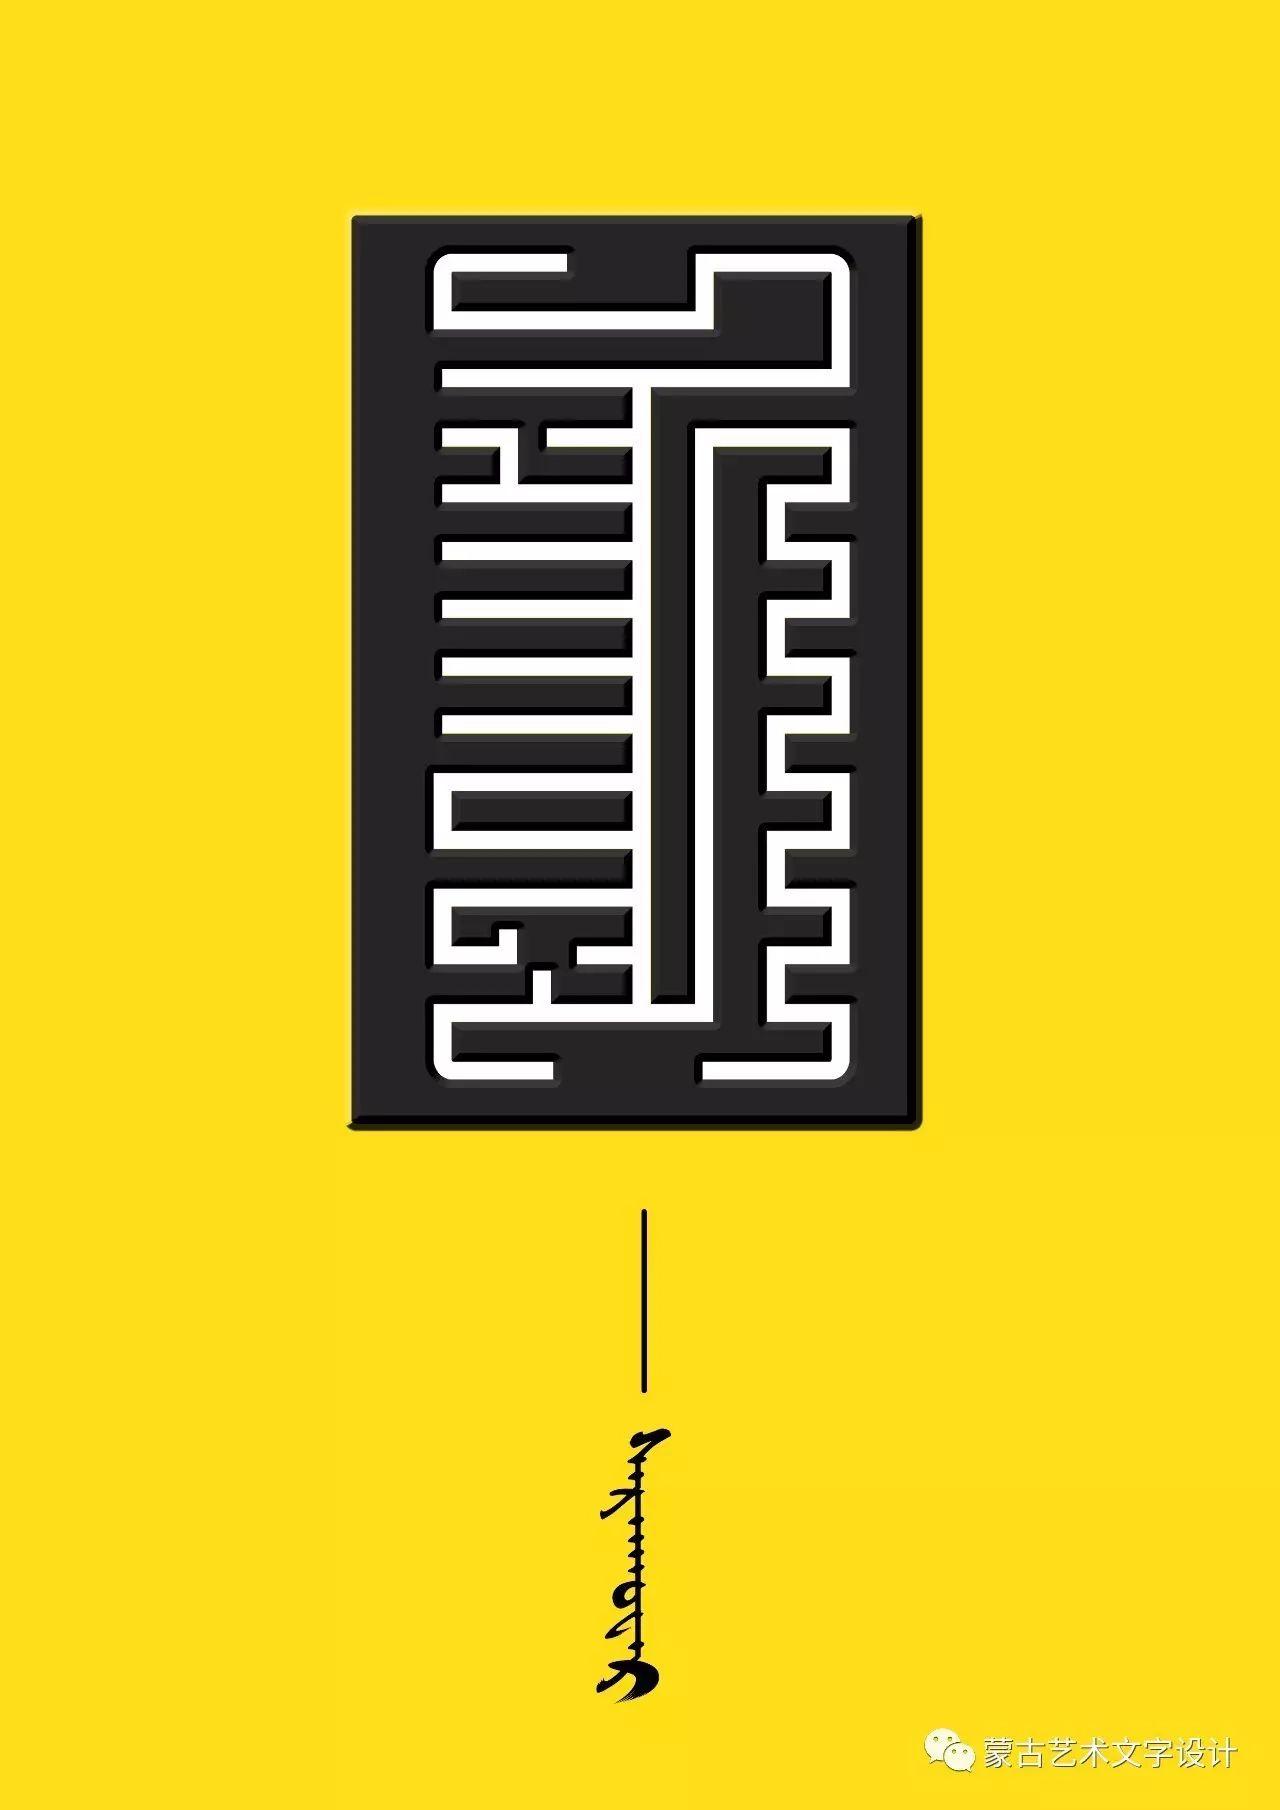 蒙古艺术文字设计 第7张